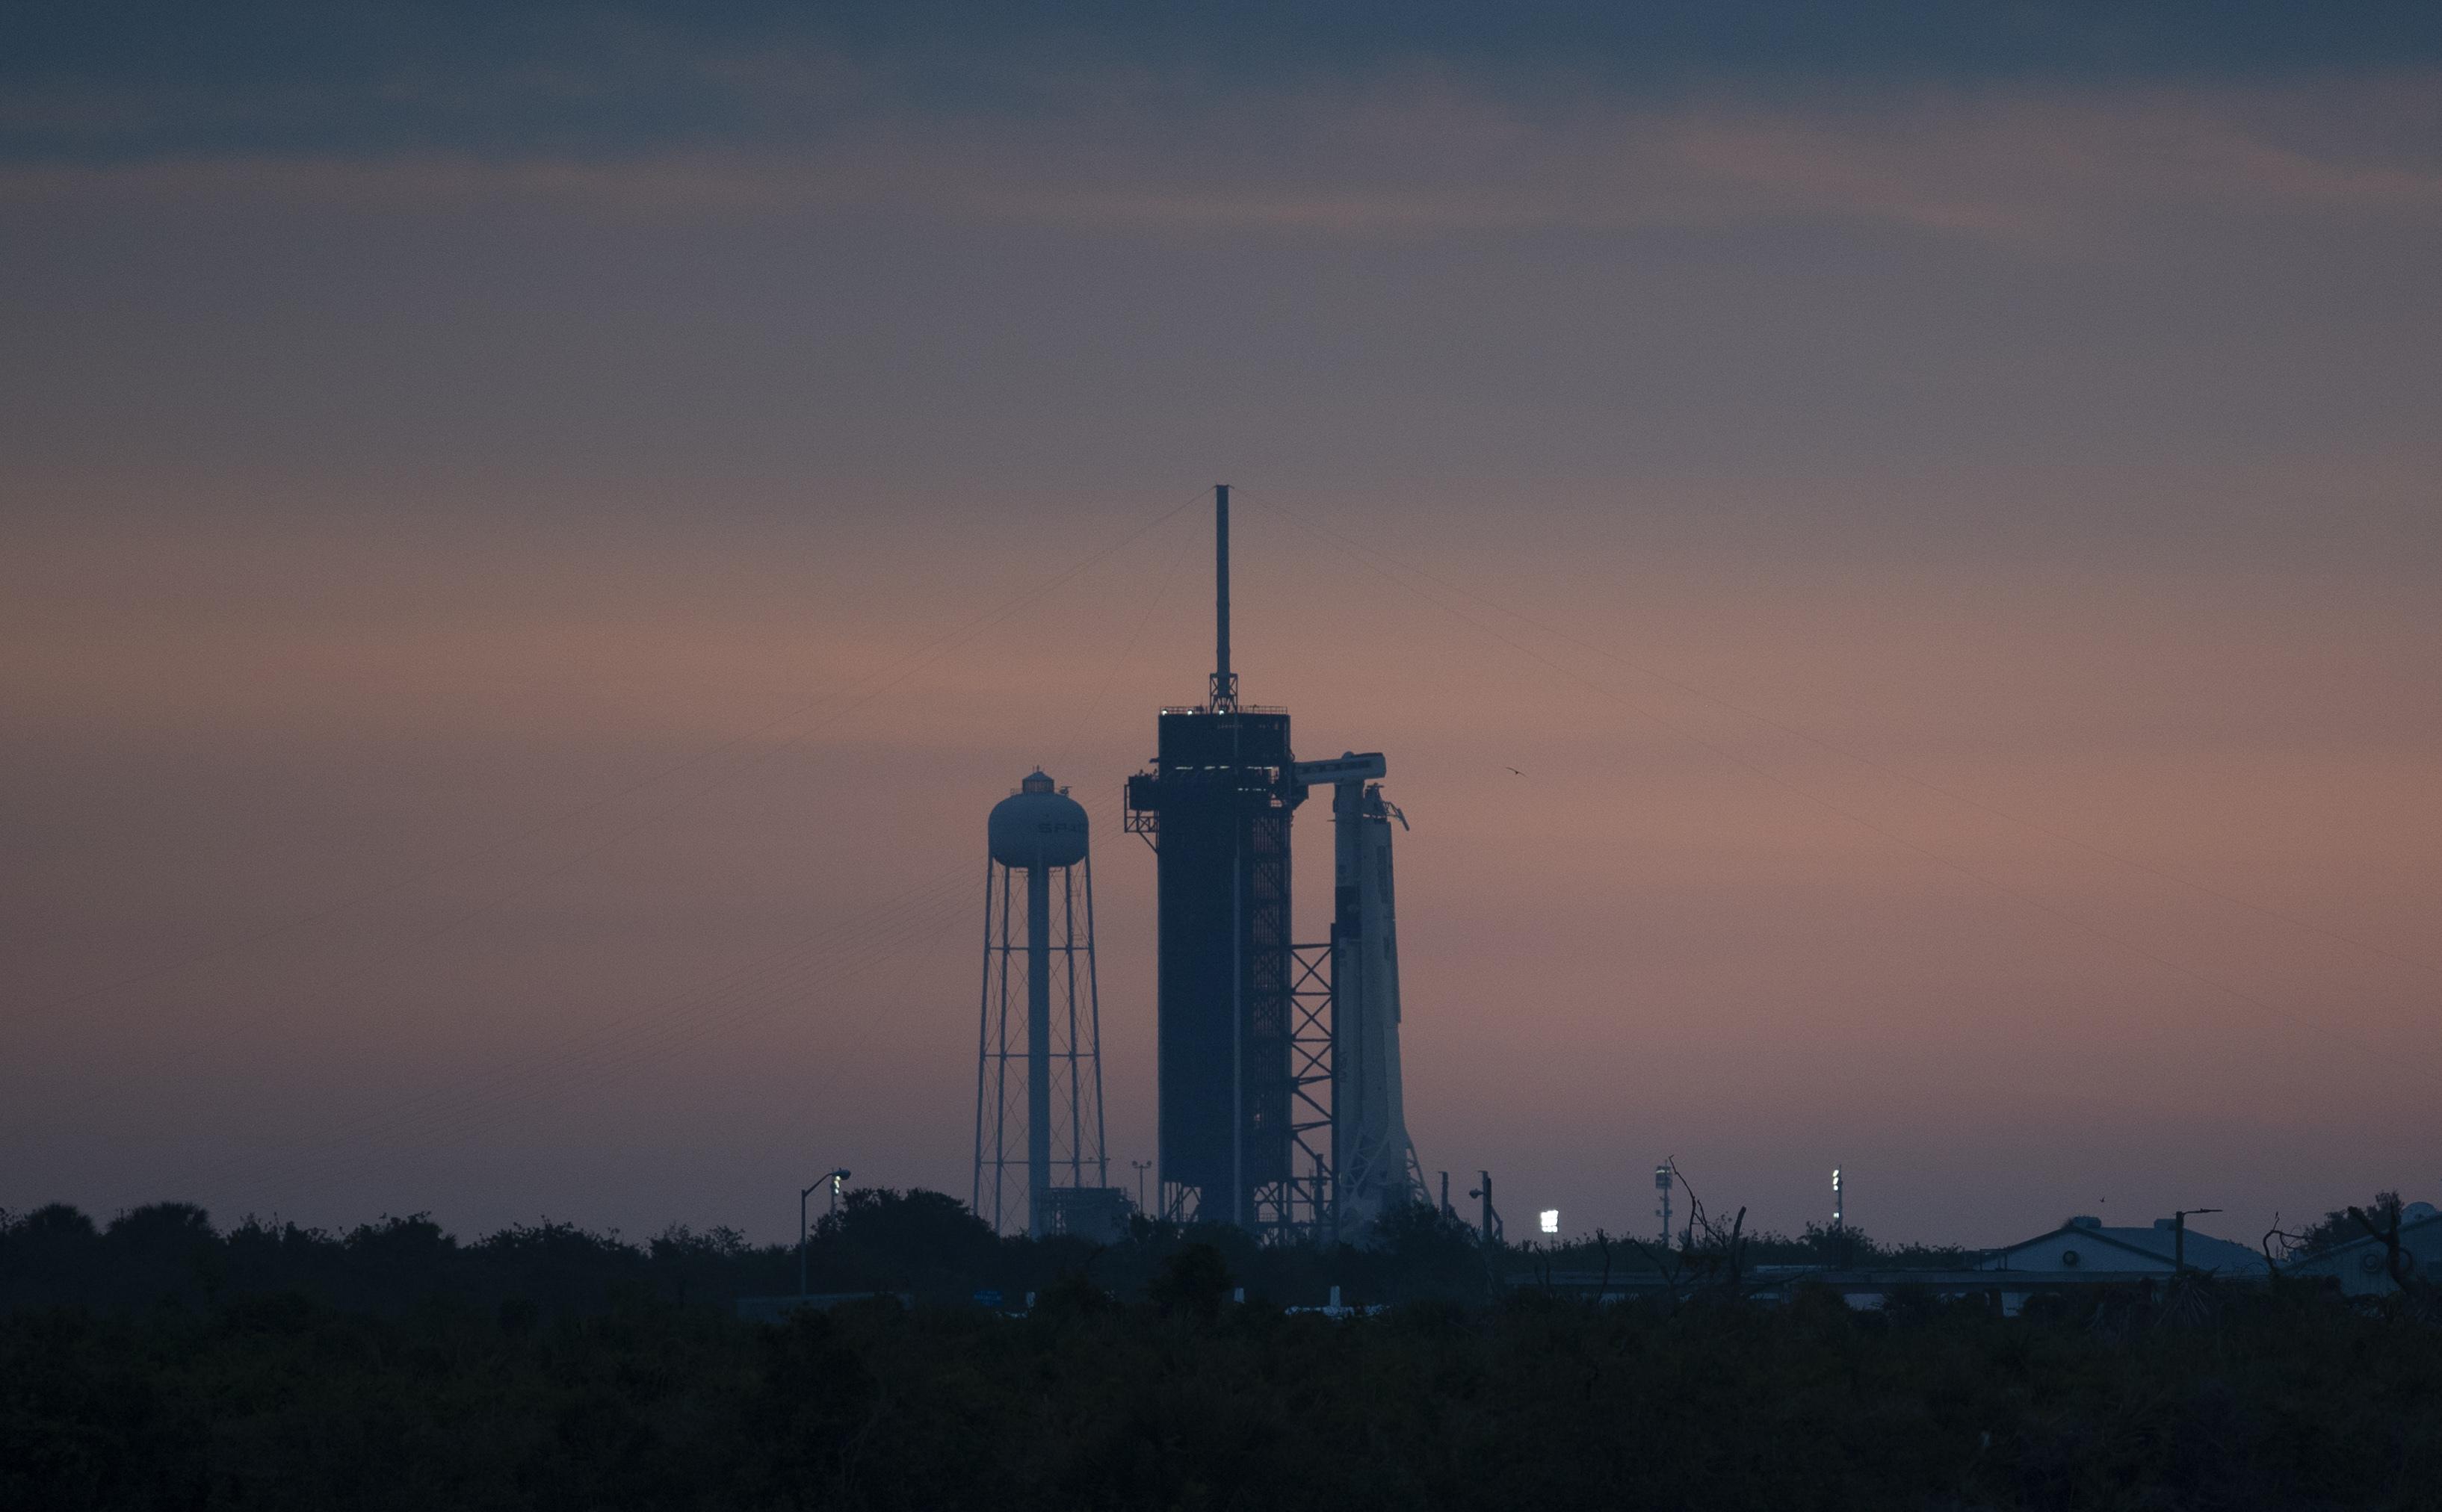 SpaceX planea lanzar a los dos astronautas de la NASA a la Estación Espacial Internacional. Este será el primer lanzamiento de astronautas desde Florida en casi una década, y el primero para una empresa privada (Joel Kowsky/NASA vía AP)